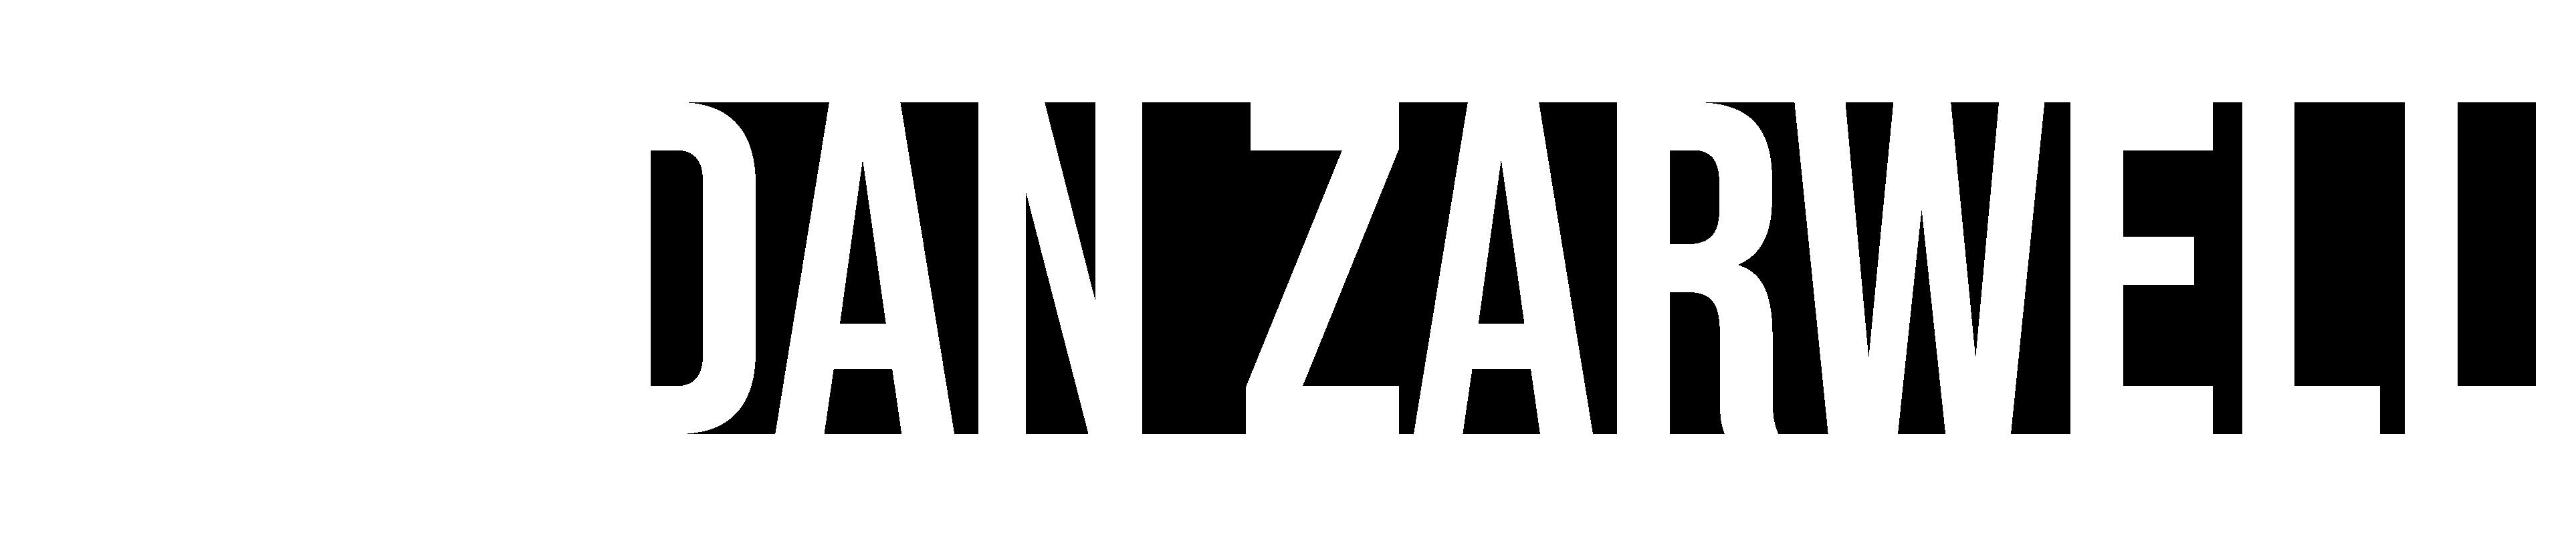 Dan Zarwell